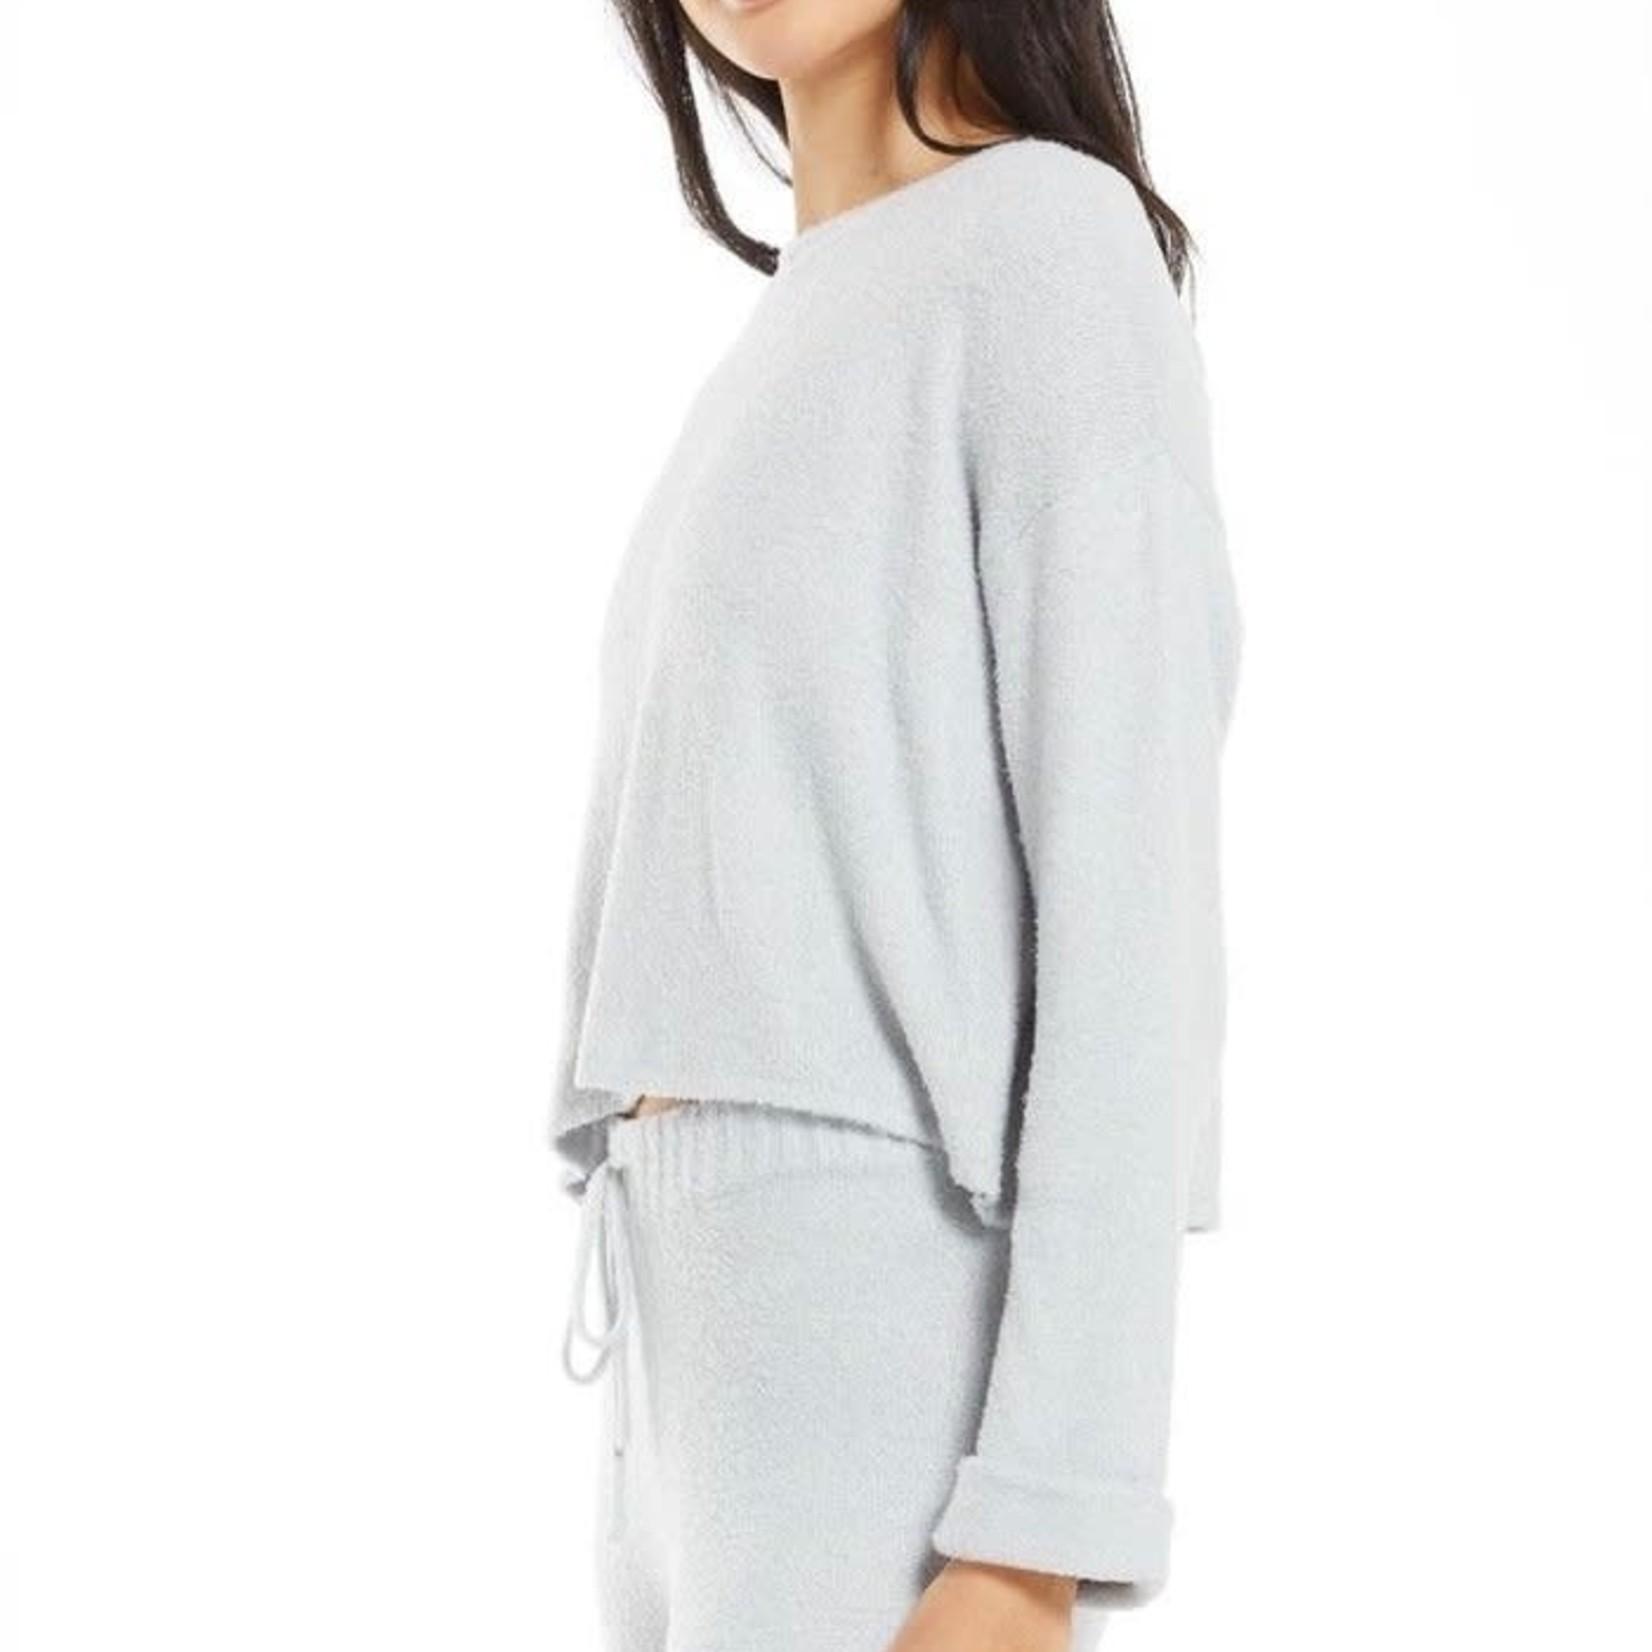 z supply Ruby Cozy Sweater